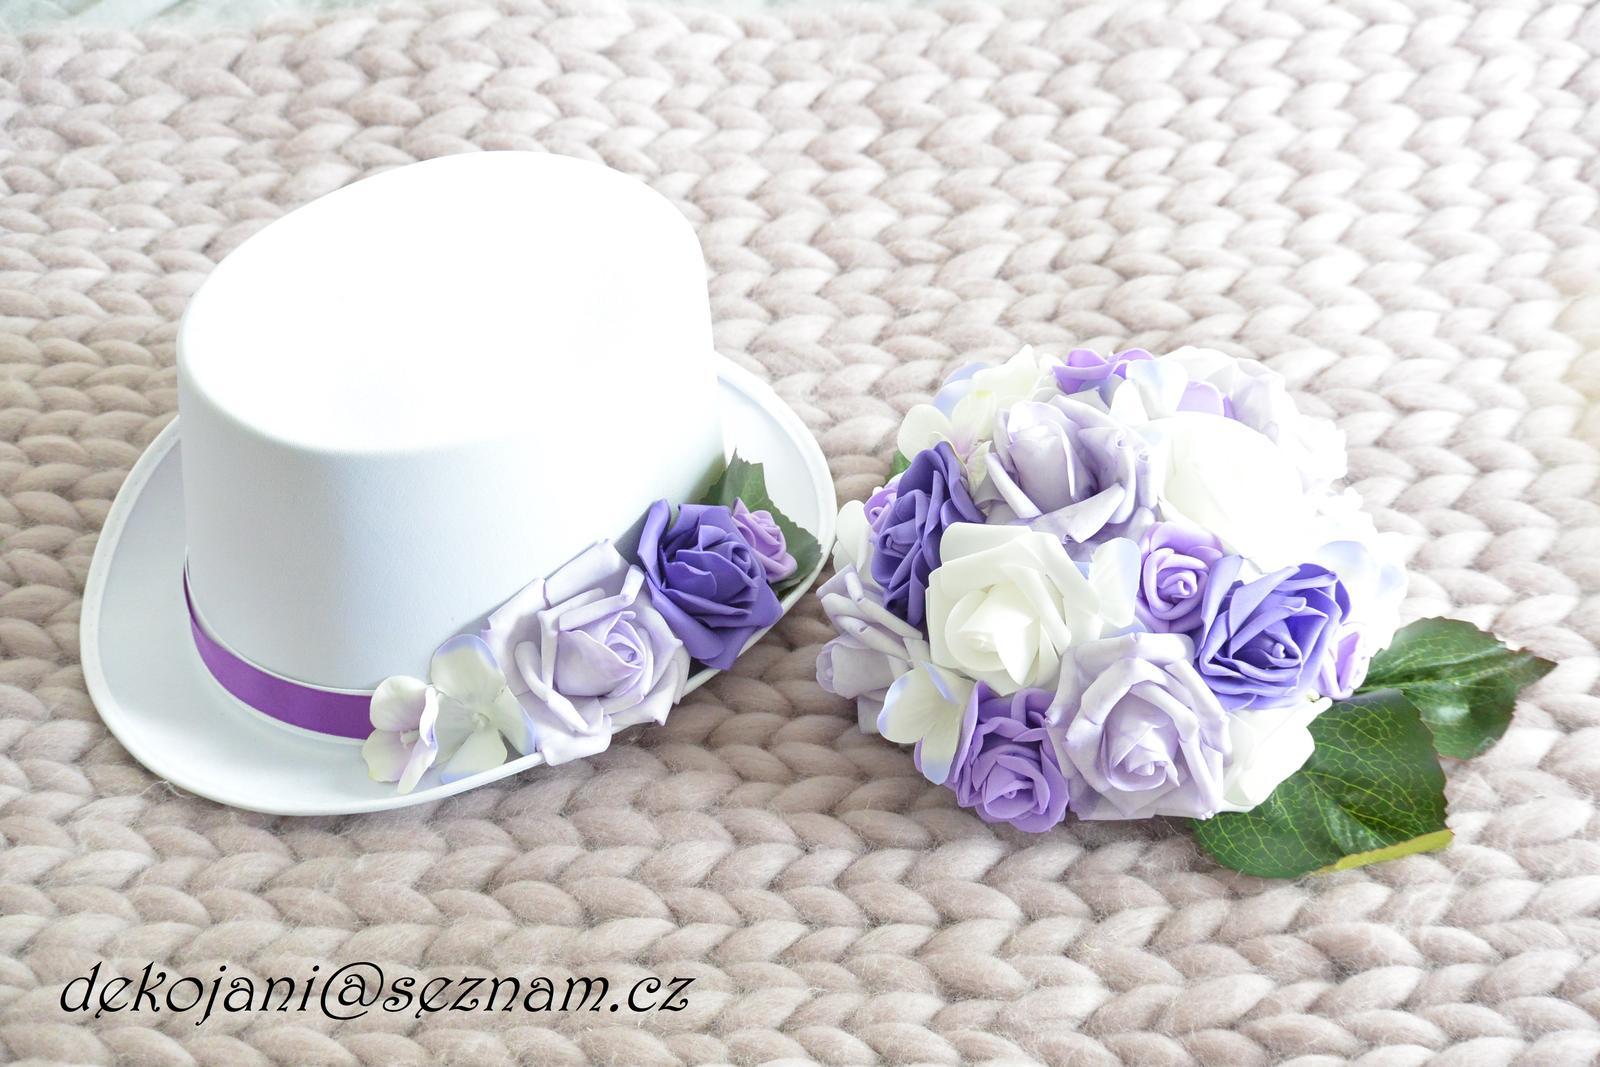 Luxusní svatební doplňky a dekorace. - Obrázek č. 60